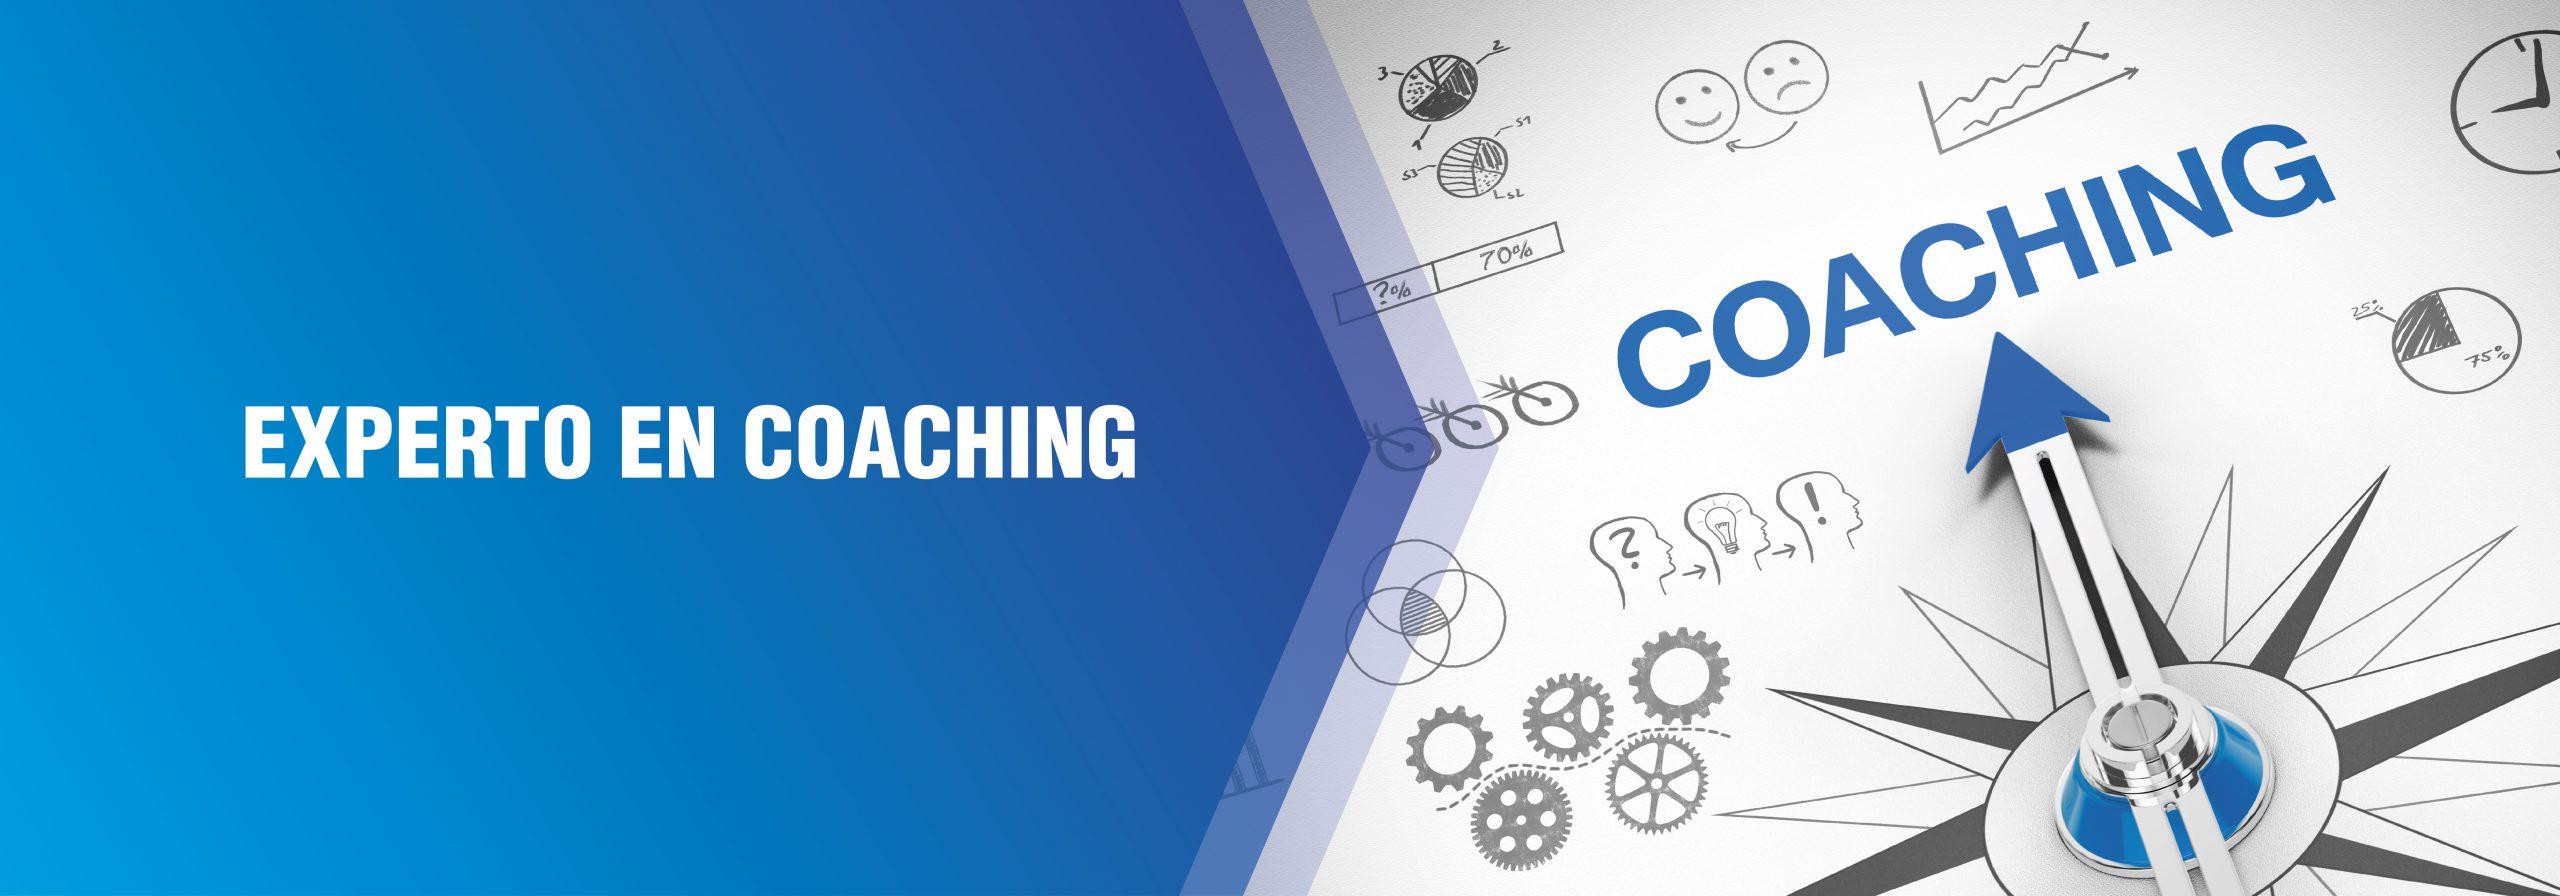 Curso Experto en Coaching